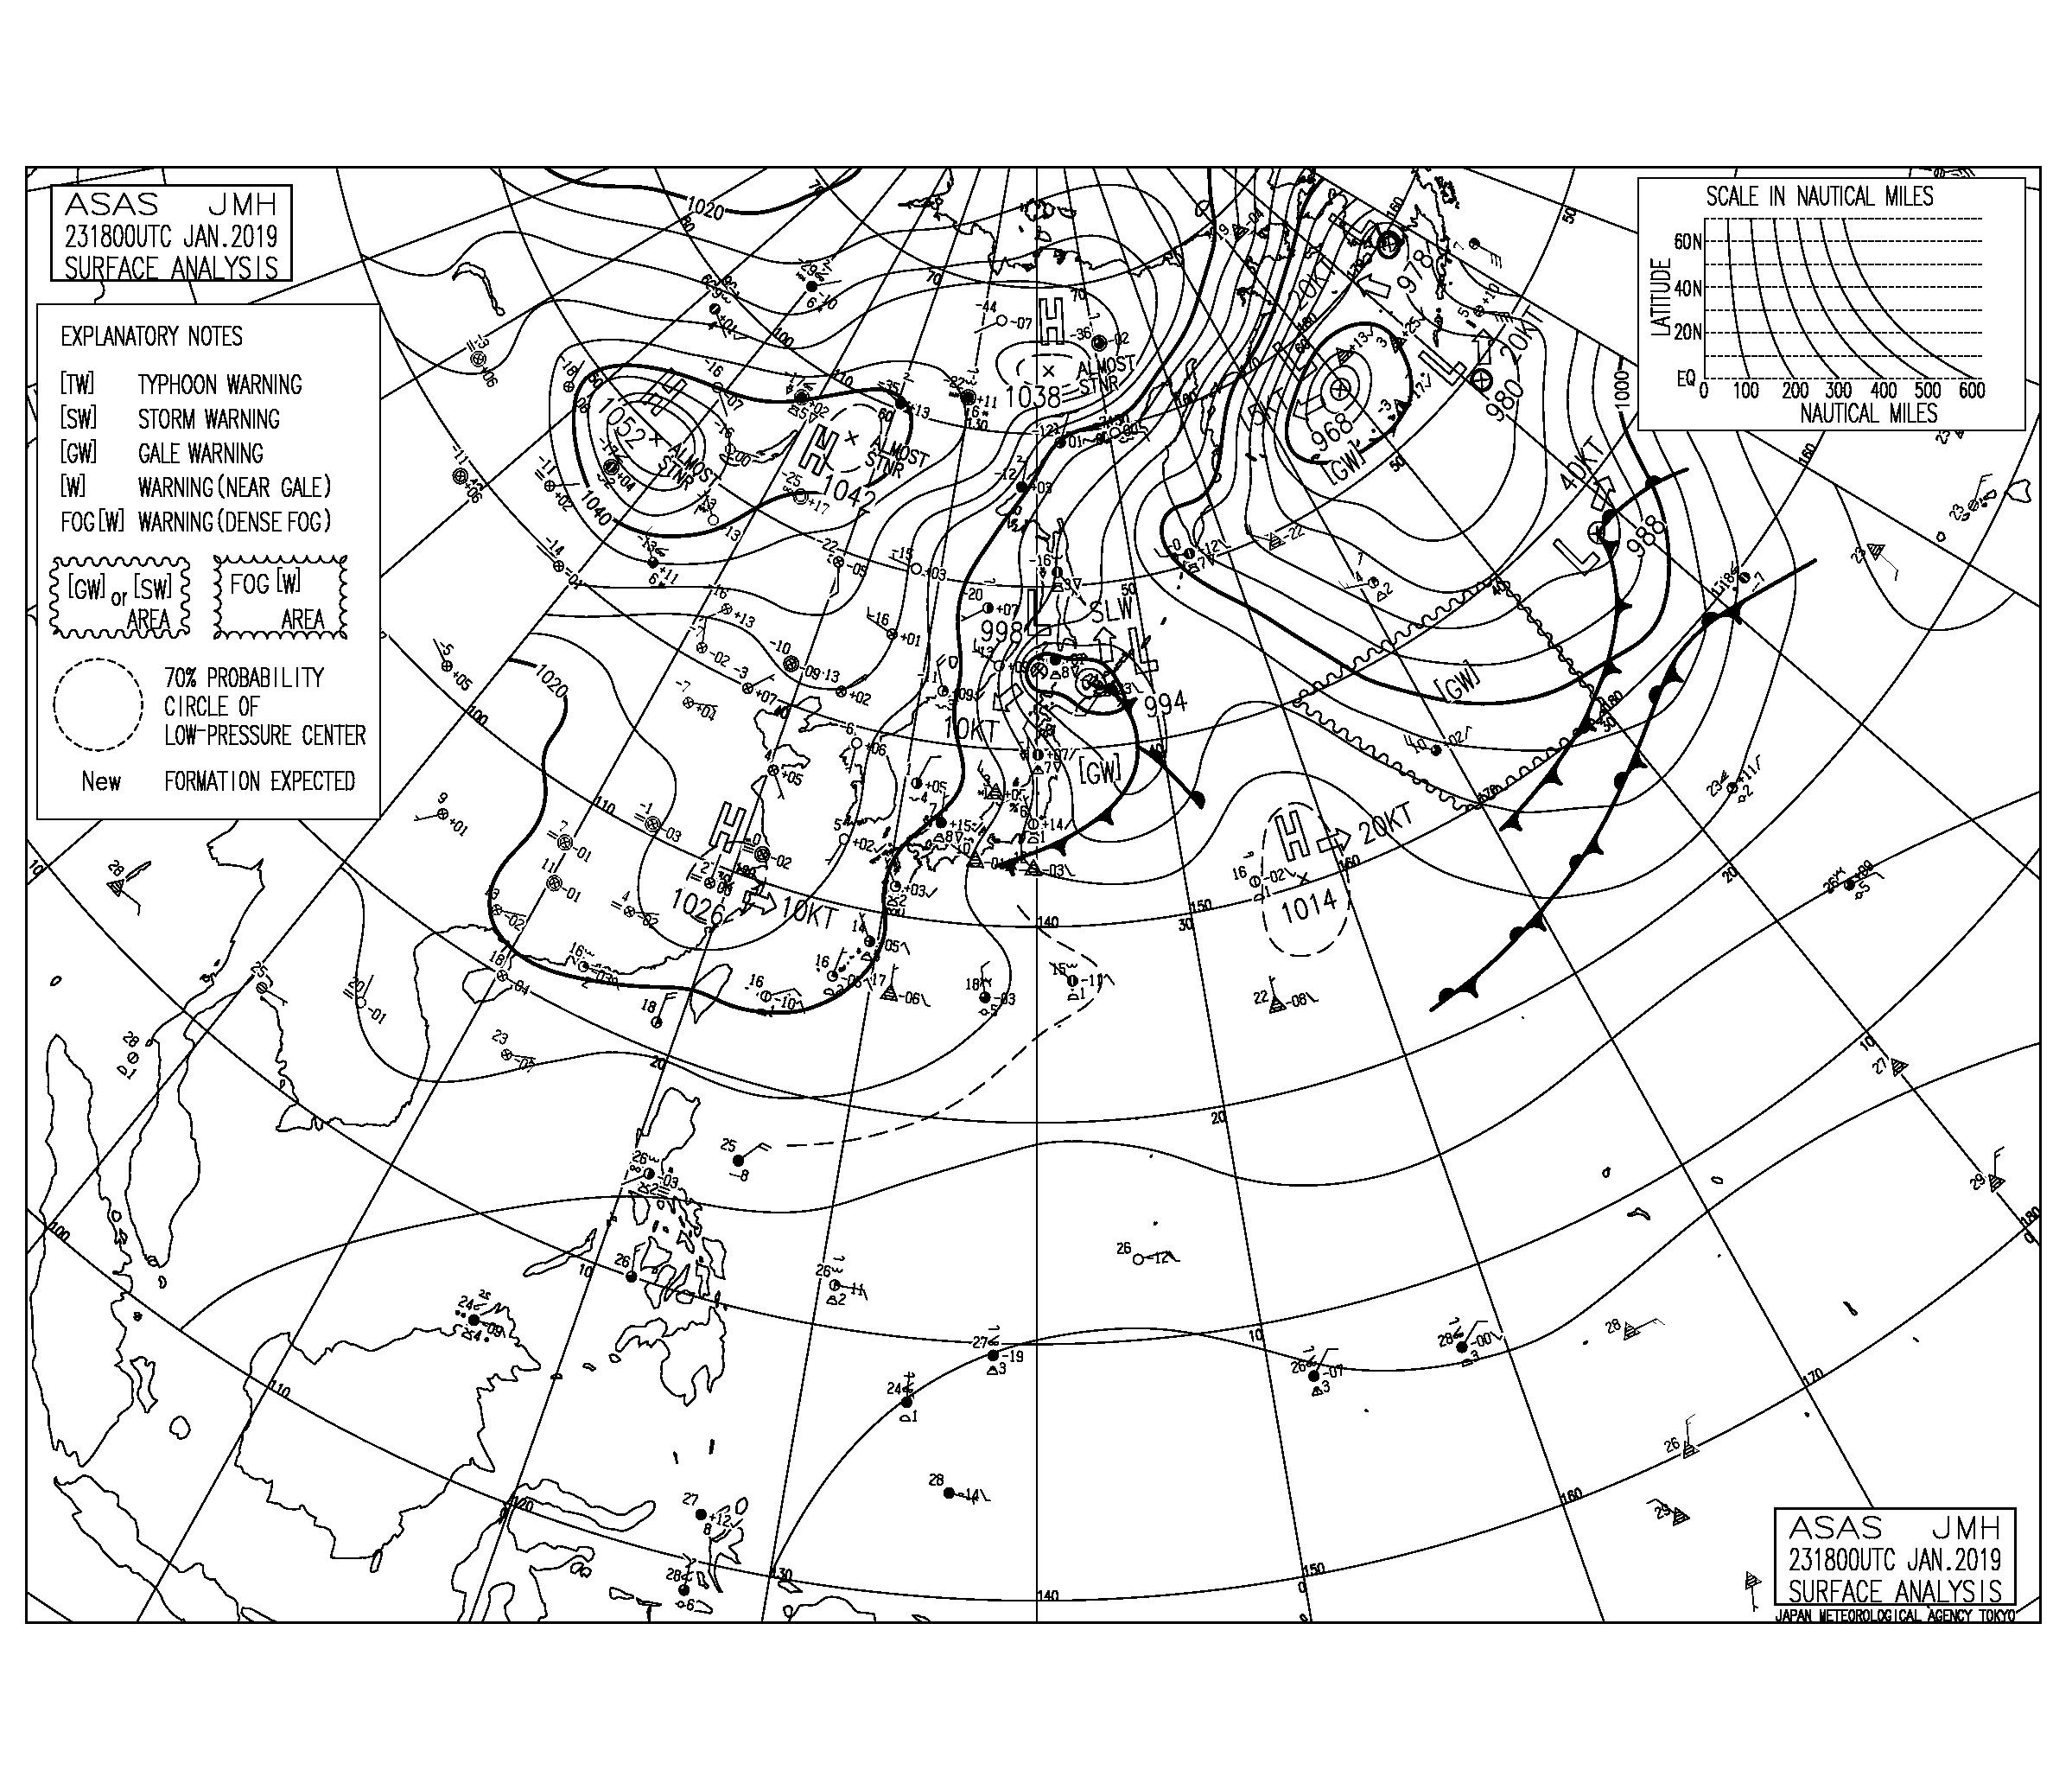 冬型の気圧配置で太平洋側は物足りないサイズ感、今後の北東うねりの反応に注目【2019.1.24】